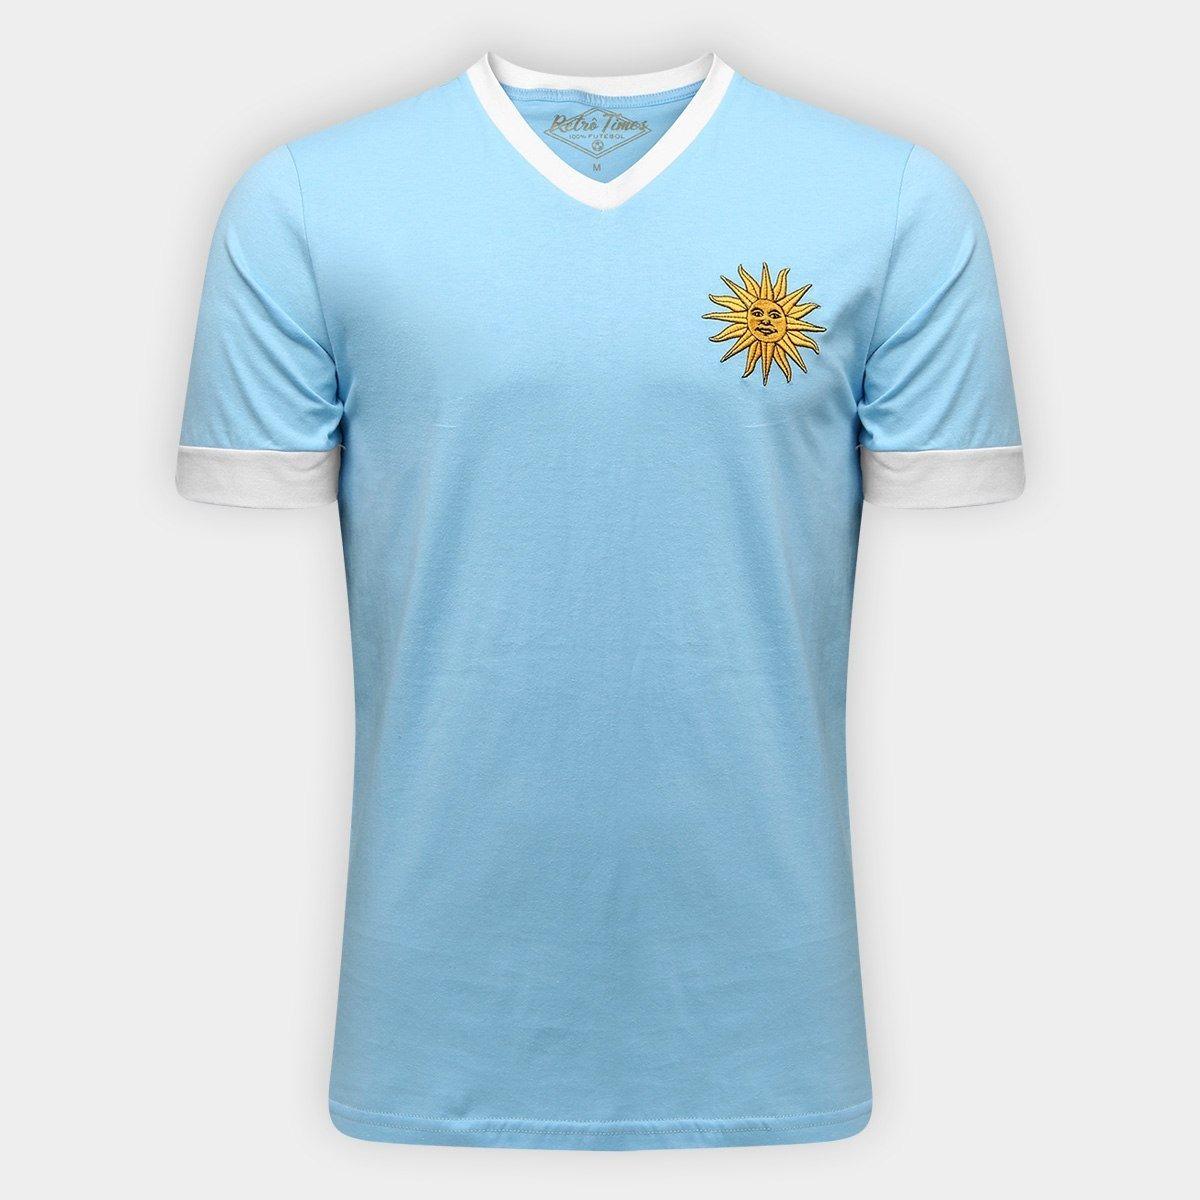 90e0d90e9d camiseta uruguai - rêtro. Carregando zoom.